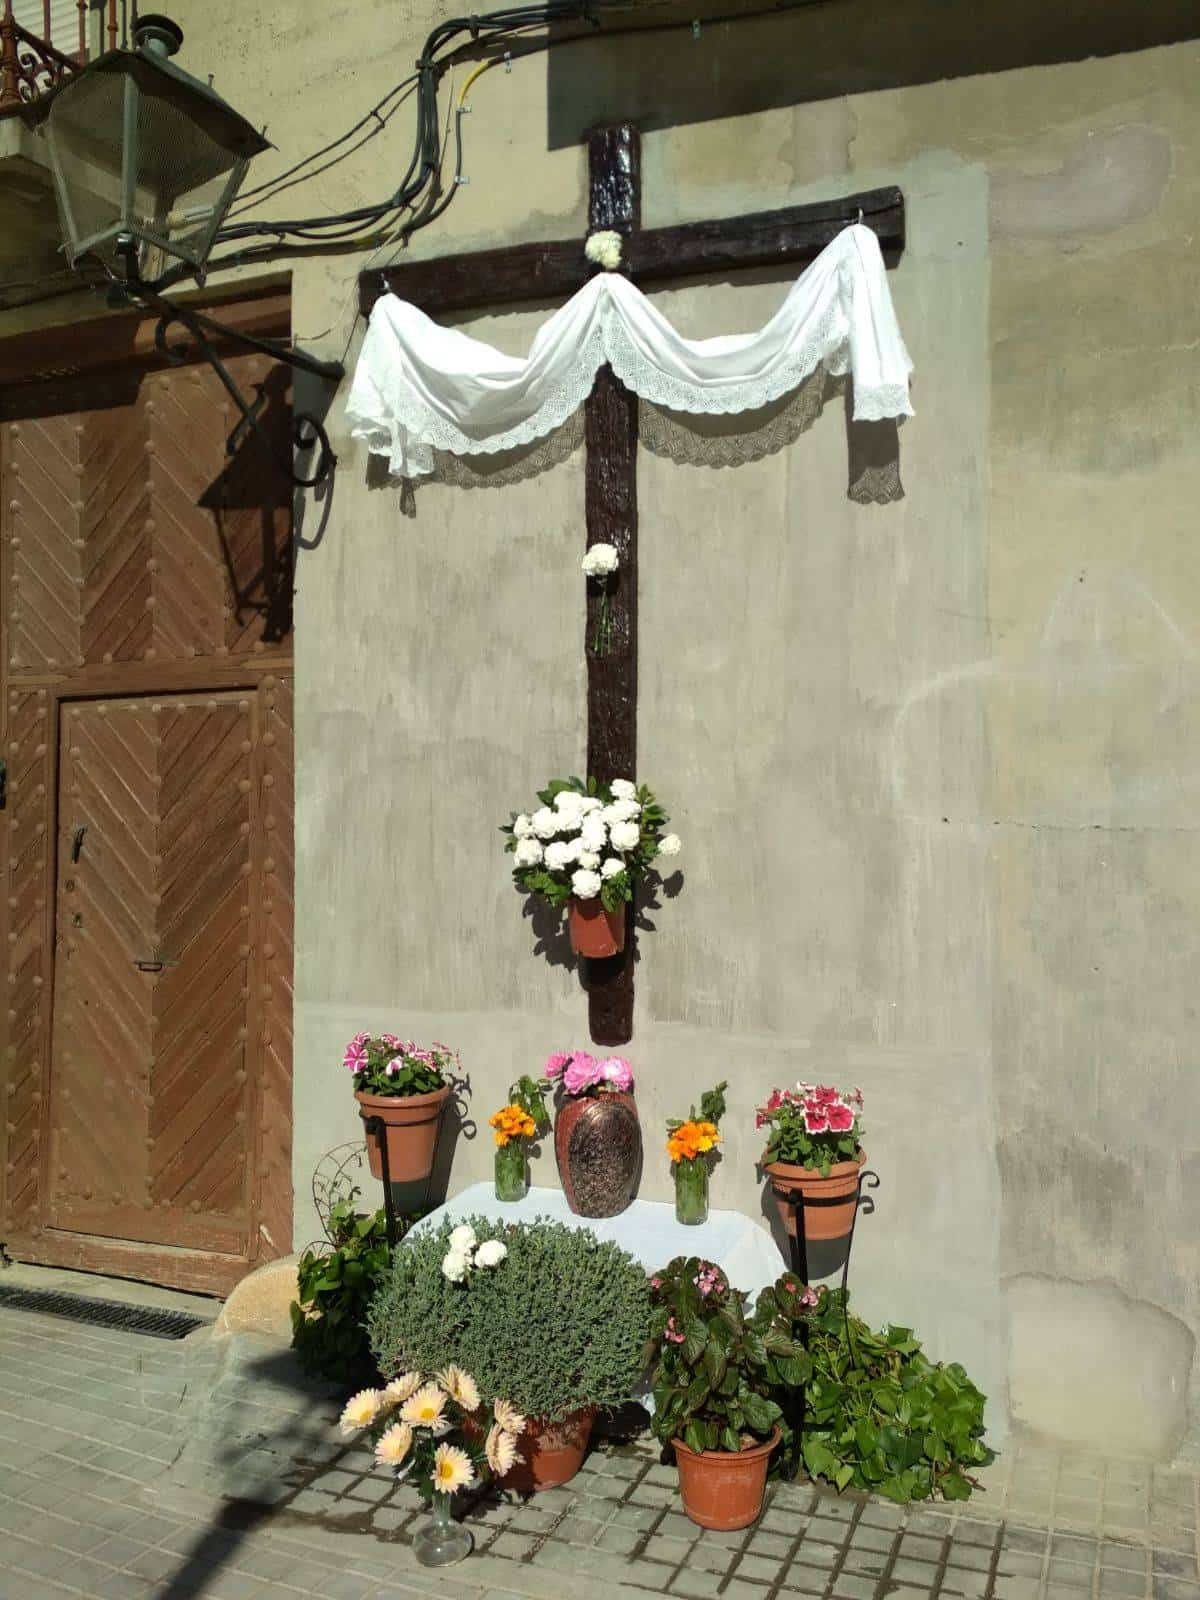 Las cruces de Mayo vuelven a Herencia 12